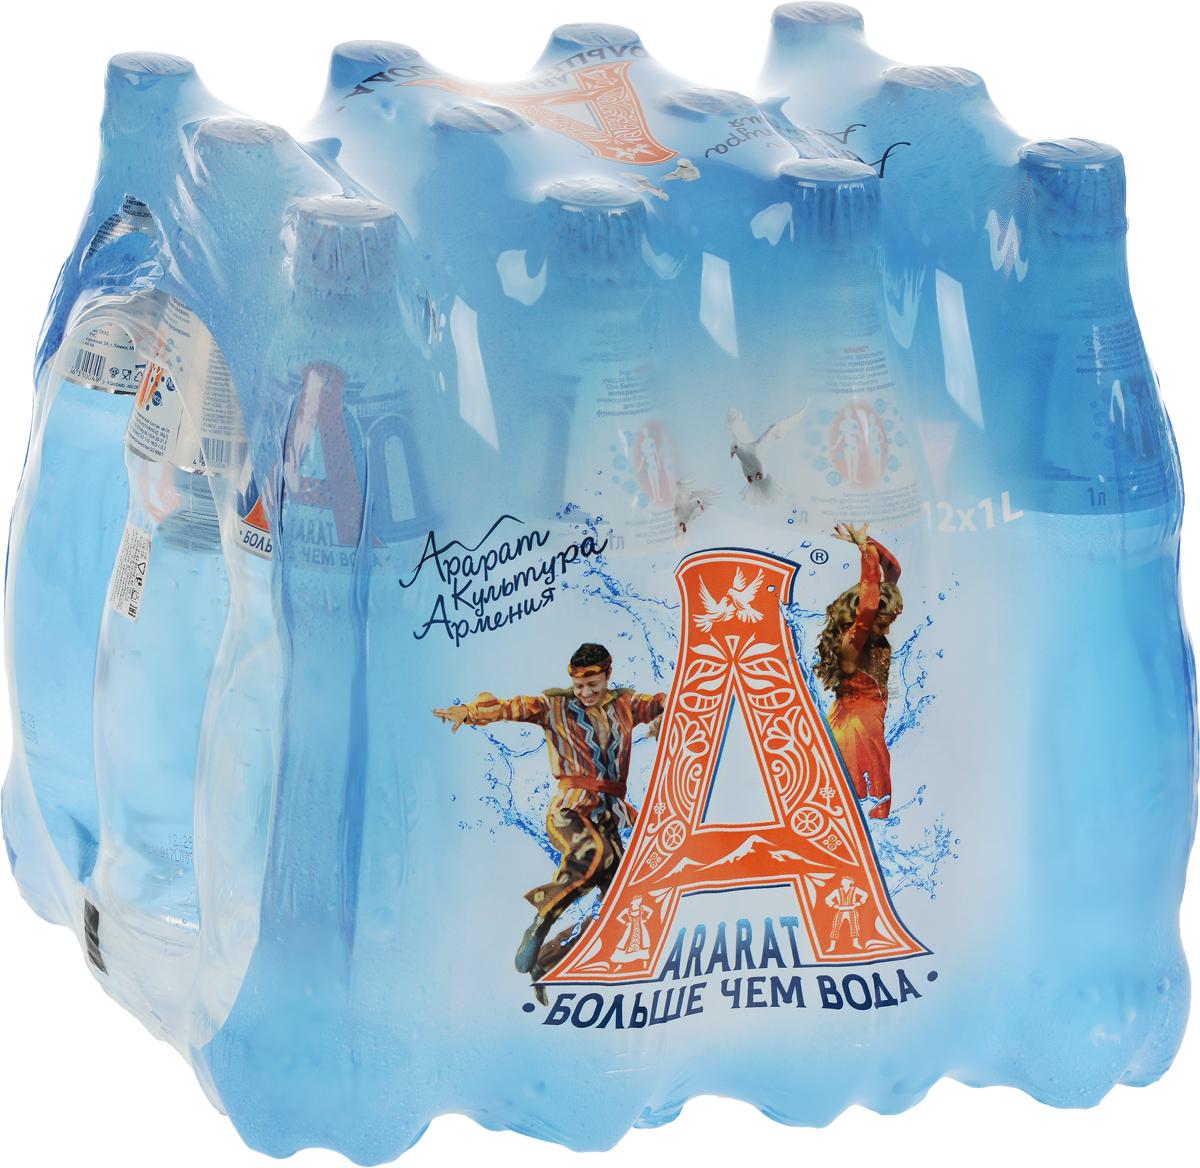 Ararat вода газированная минеральная лечебно-столовая, 12 штук по 1 л4850006310094Употребление воды Арарат поможет привести в норму водно-минеральный обмен организма, стимулирует систему пищеварения, благодаря сбалансированному природному минеральному составу.Разлито на территории минеральных источников Арарат скважина №11, Ущелье Борот-Ахбюр, Армения.Уважаемые клиенты! Обращаем ваше внимание, что перечень типичного химического состава продукта представлен на дополнительном изображении.Сколько нужно пить воды: мнение диетолога. Статья OZON Гид